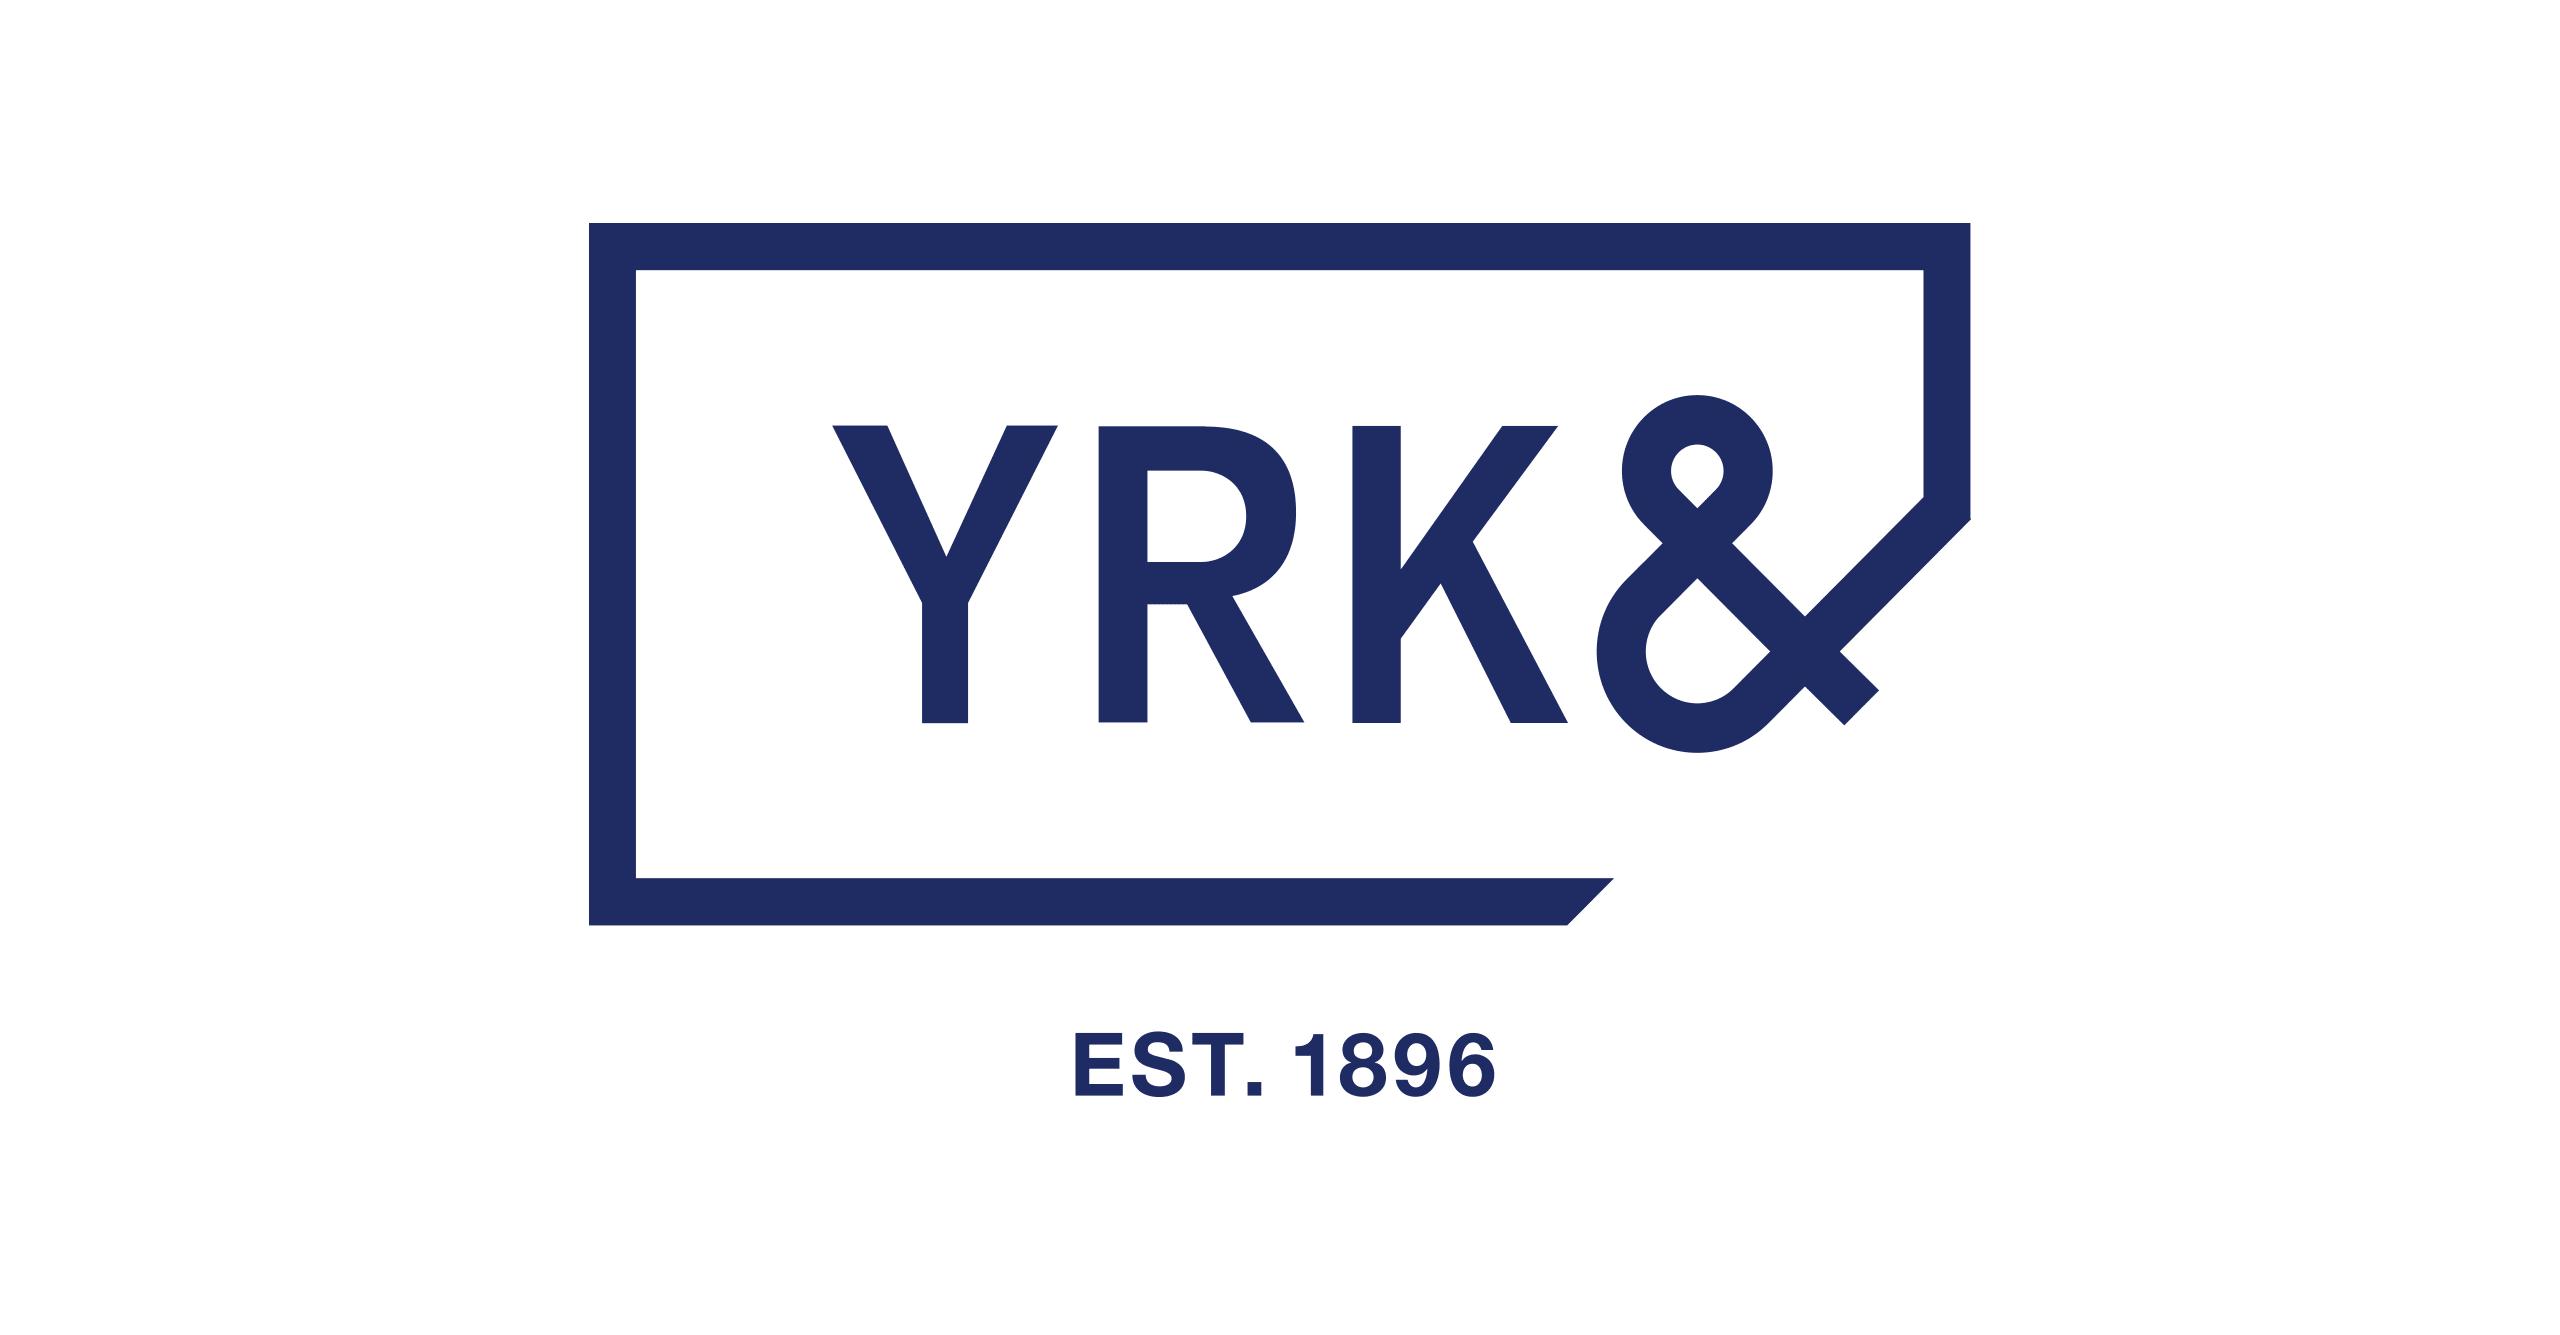 YRK&_logo_1896_2